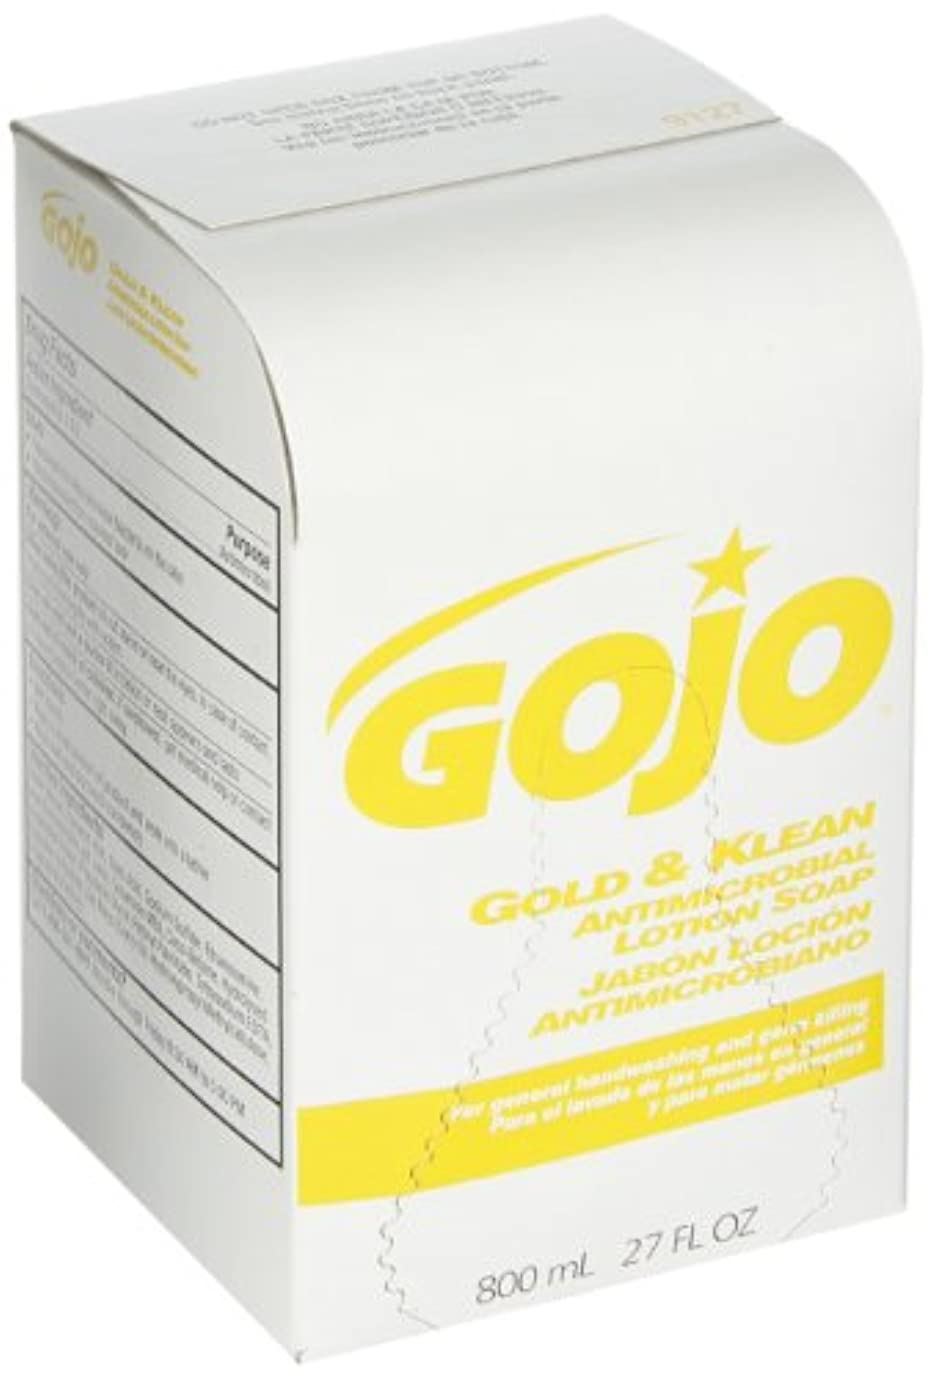 出口グリップ樹木ゴールド& KleanローションSoap bag-in-boxディスペンサー詰め替え、フローラルBalsam、800 ml